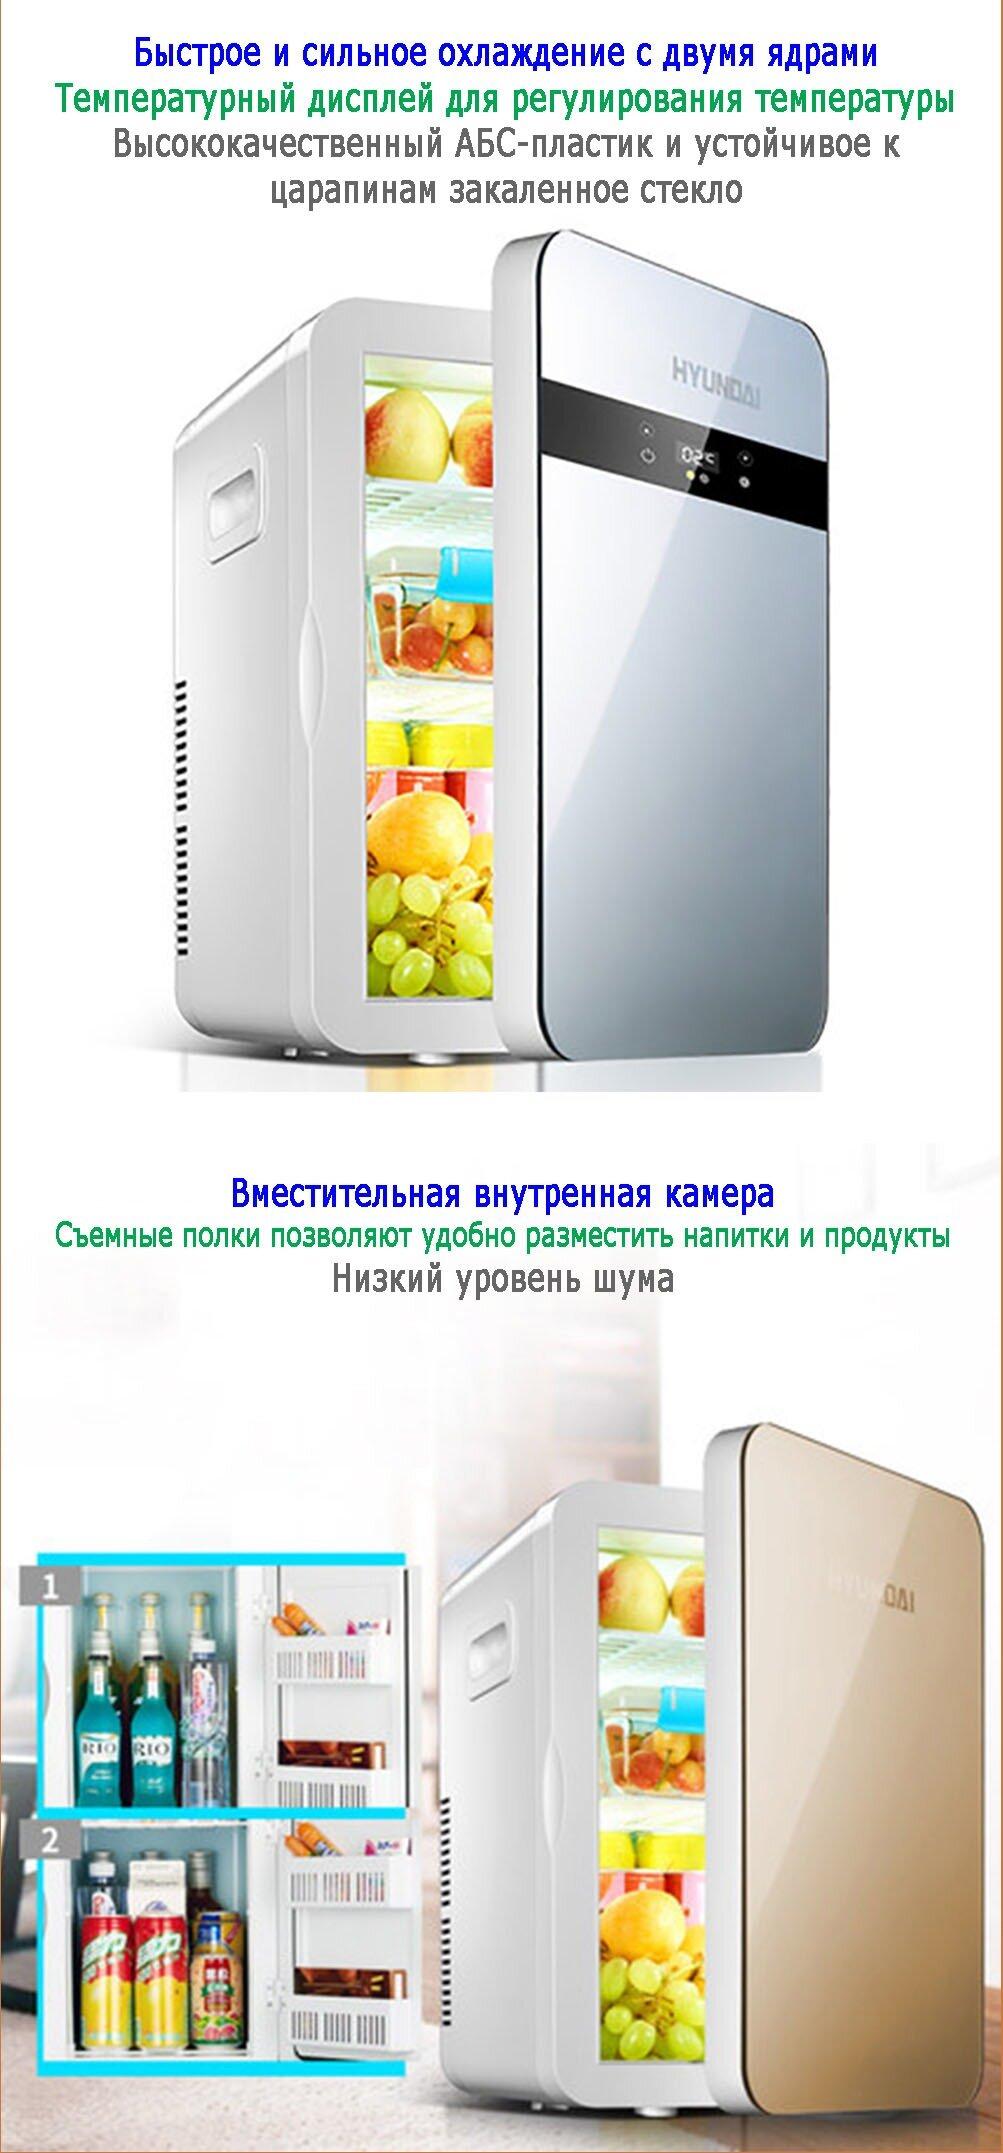 Холодильник автомобильный HYUNDAI с двойной системой охлаждения регулятор температуры 12V/220V - фото pic_7c6fa634eeac16893945132a15d2d2fc_1920x9000_1.jpg